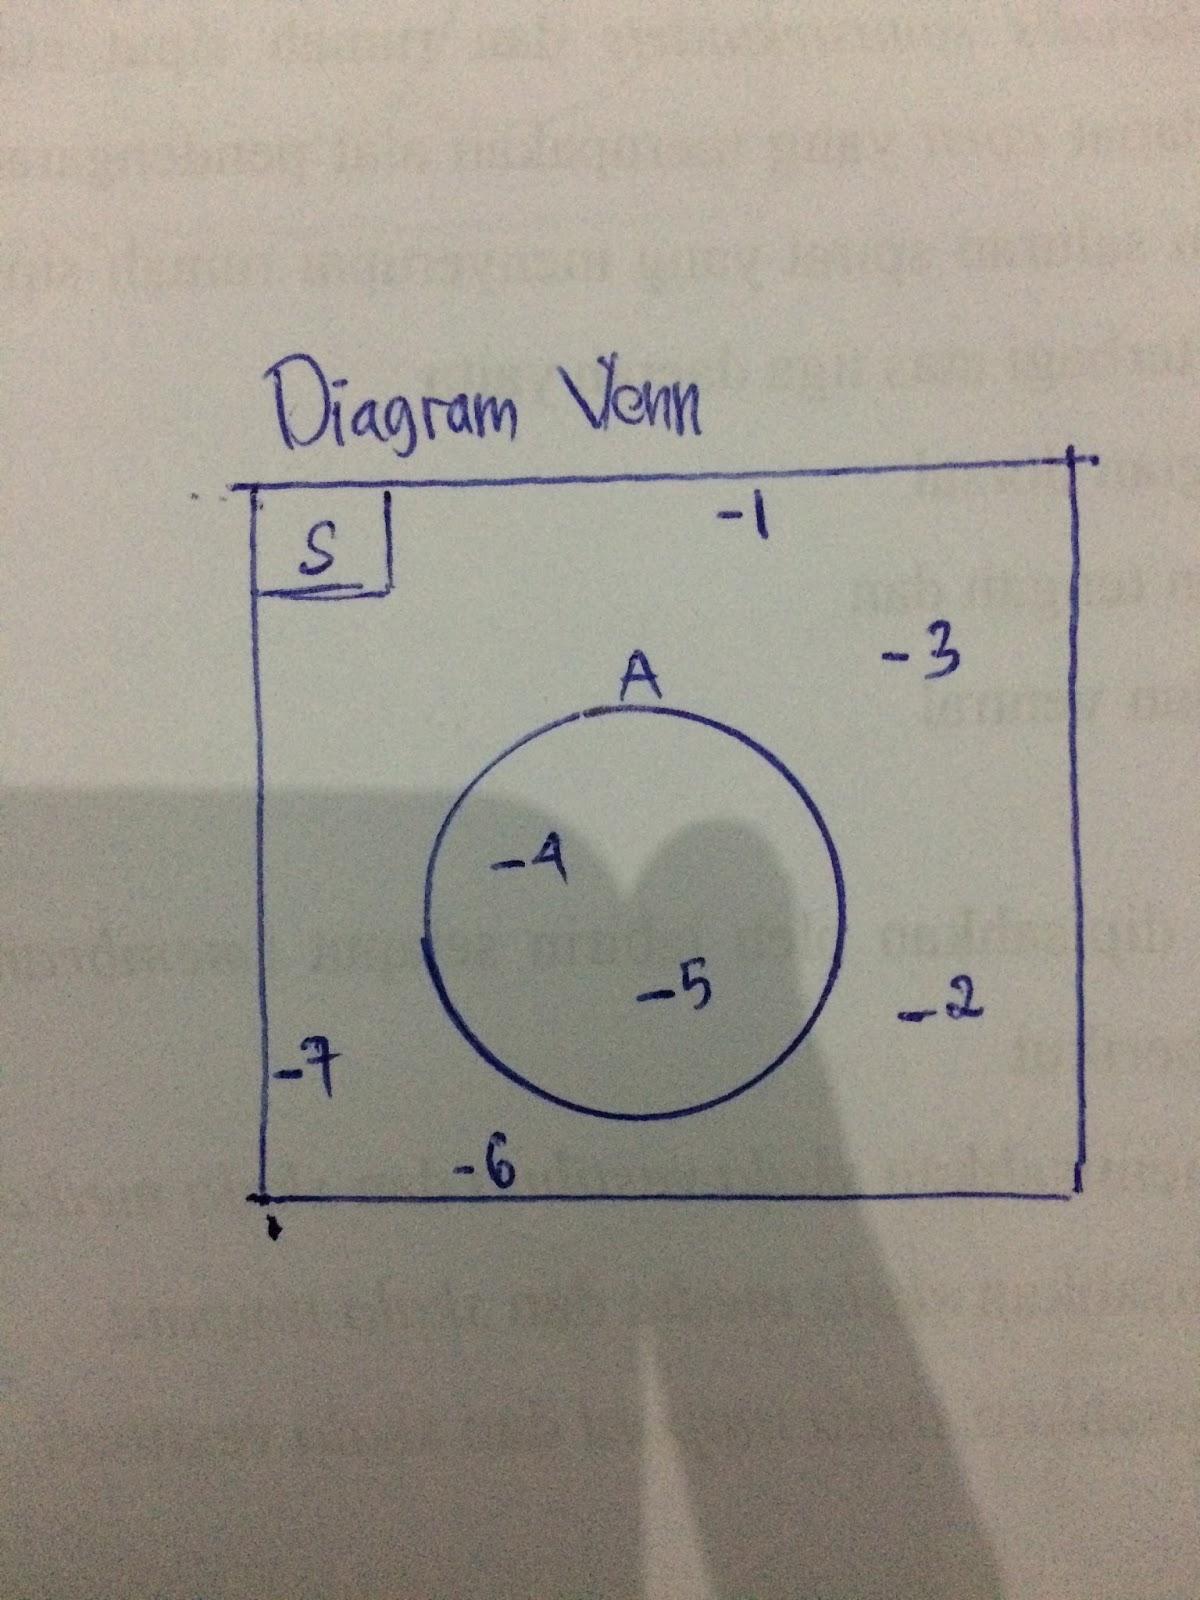 Diagram venn buatlah diagram venn dari himpunan himpunan berikut ini s 1 2 3 4 5 6 7 a 4 5 ccuart Choice Image